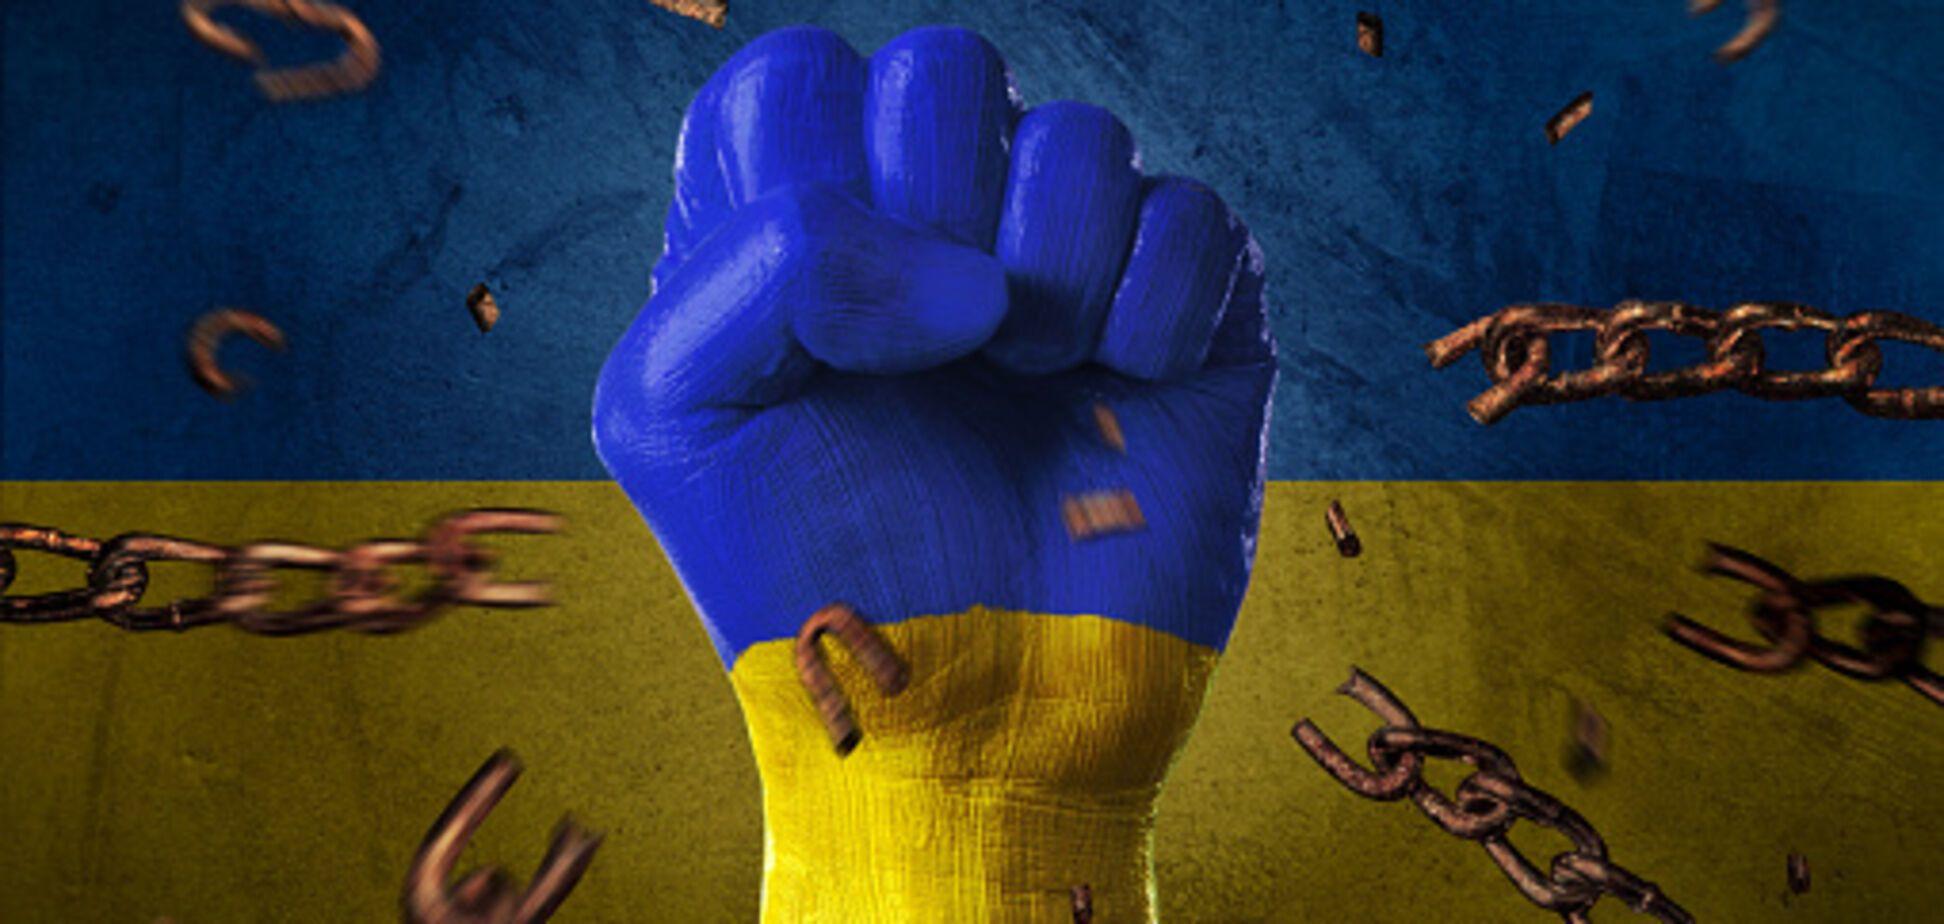 Не будьте нытиками: изменения в Украине с 2014-го года